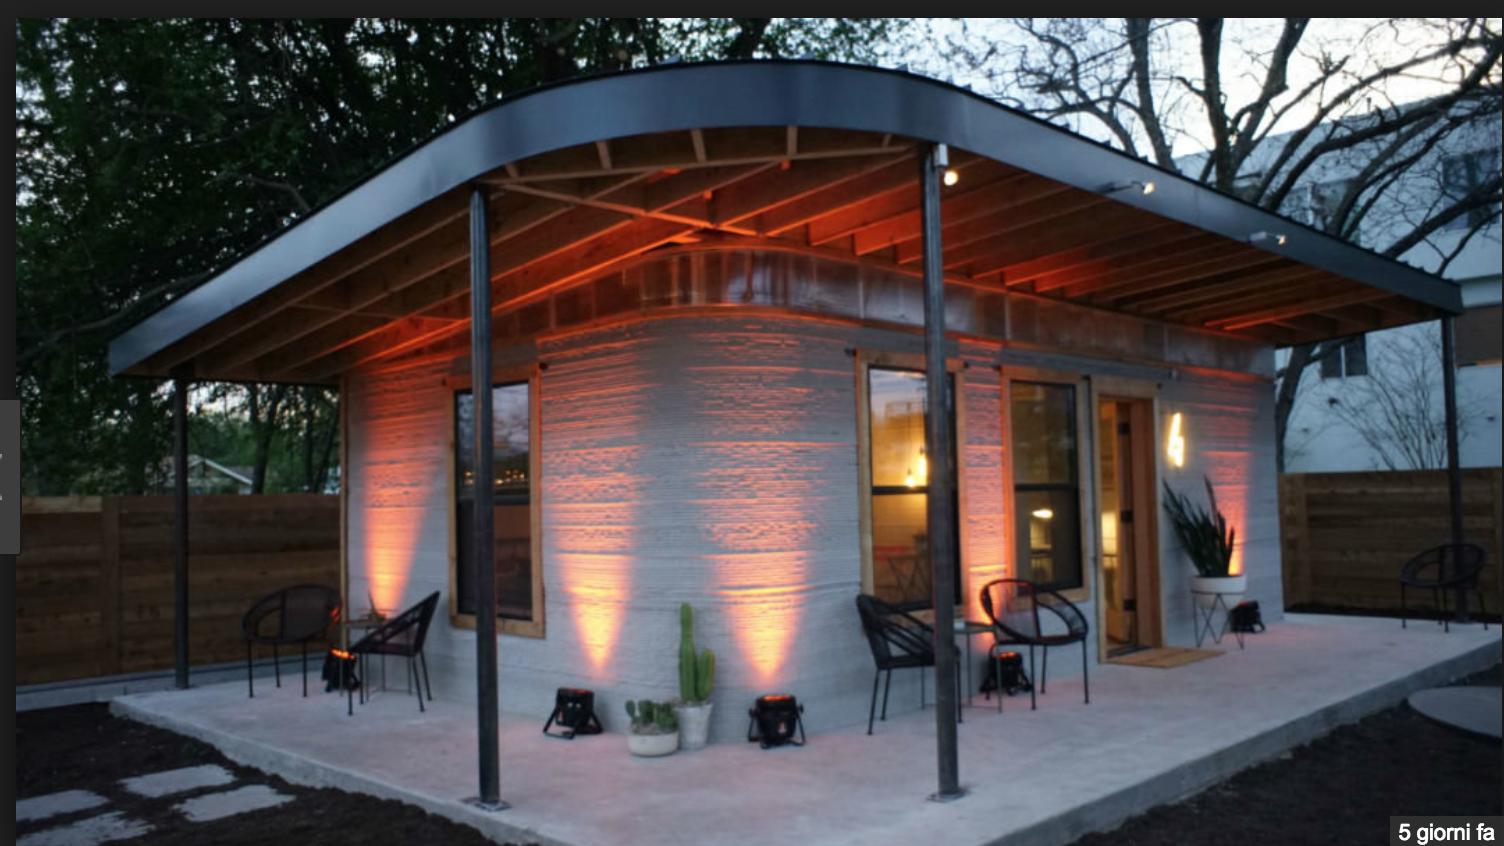 La casa che si costruisce in 24ore e costa solo 4mila euro - Una casa da amare ...